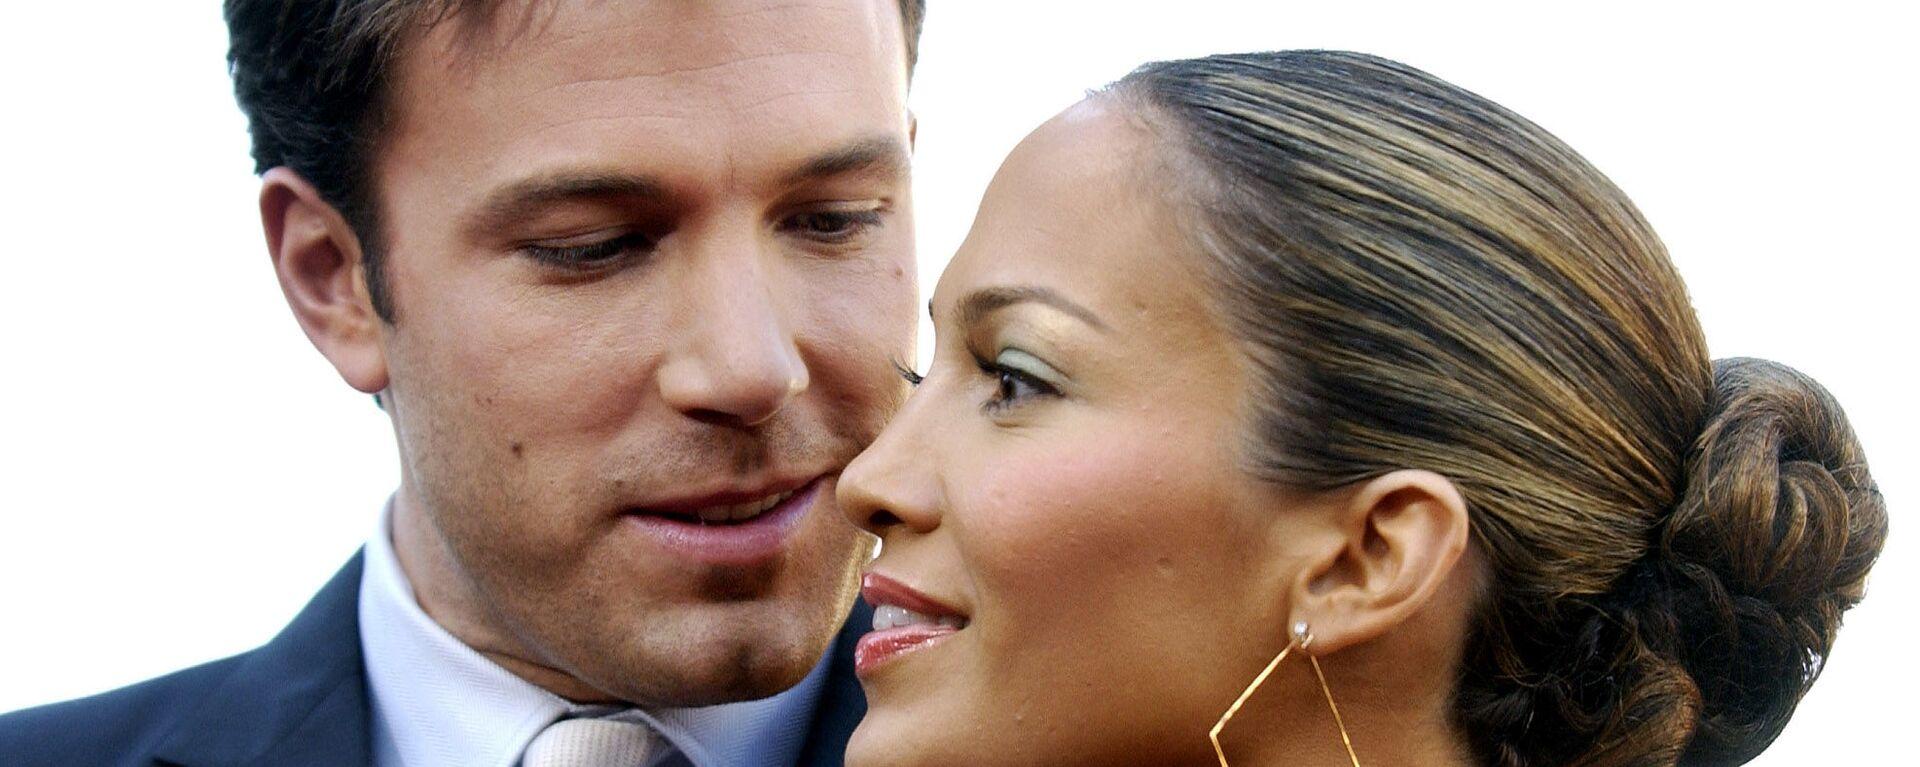 El actor Ben Affleck y su entonces prometida, la actriz y cantante Jennifer Lopez, en 2003 - Sputnik Mundo, 1920, 01.05.2021